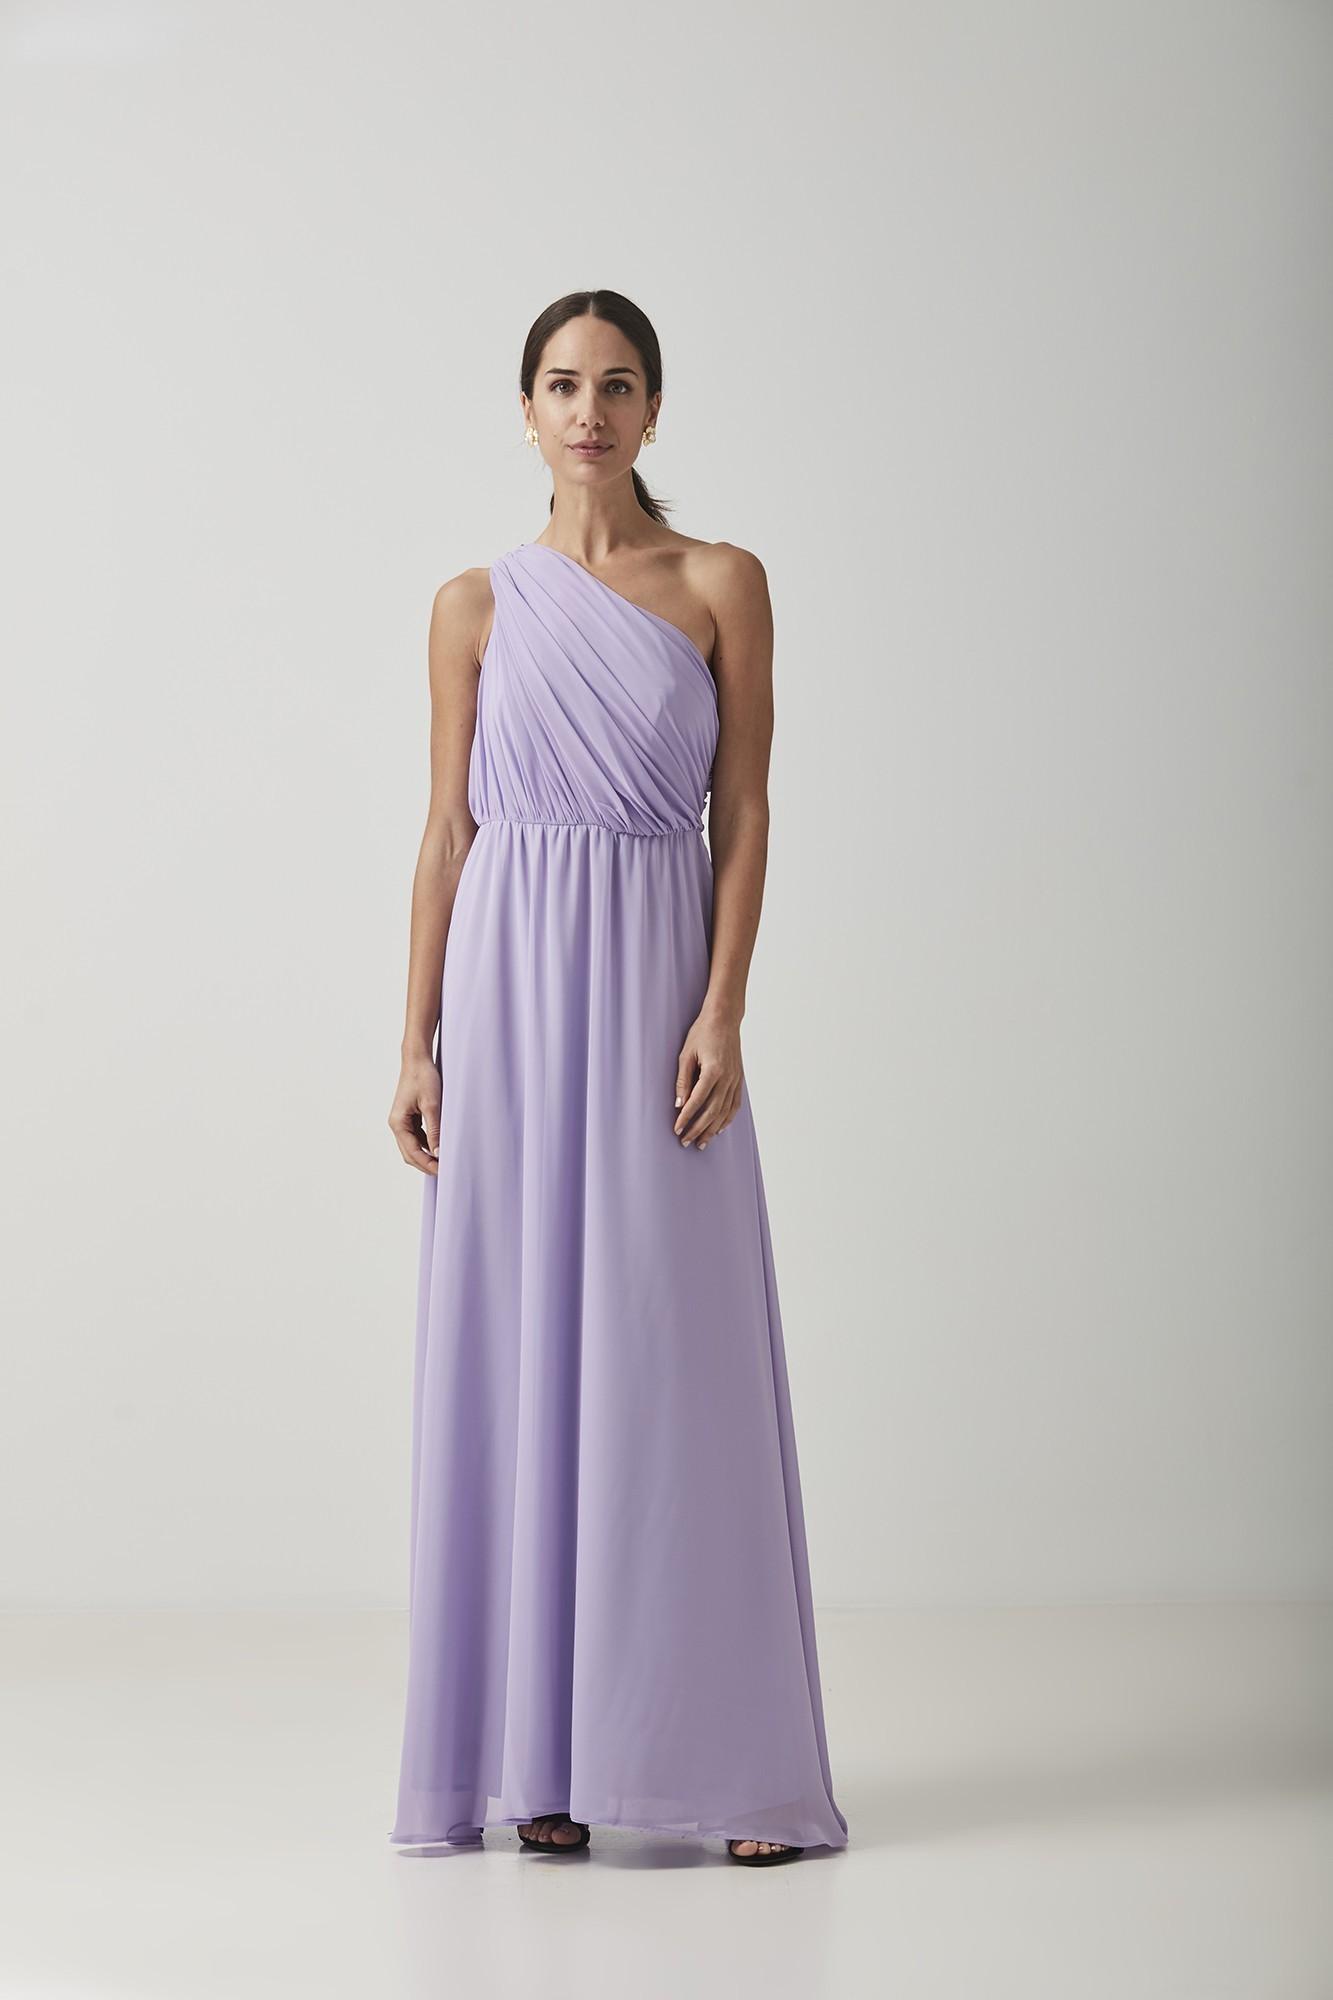 HERMES DRESS